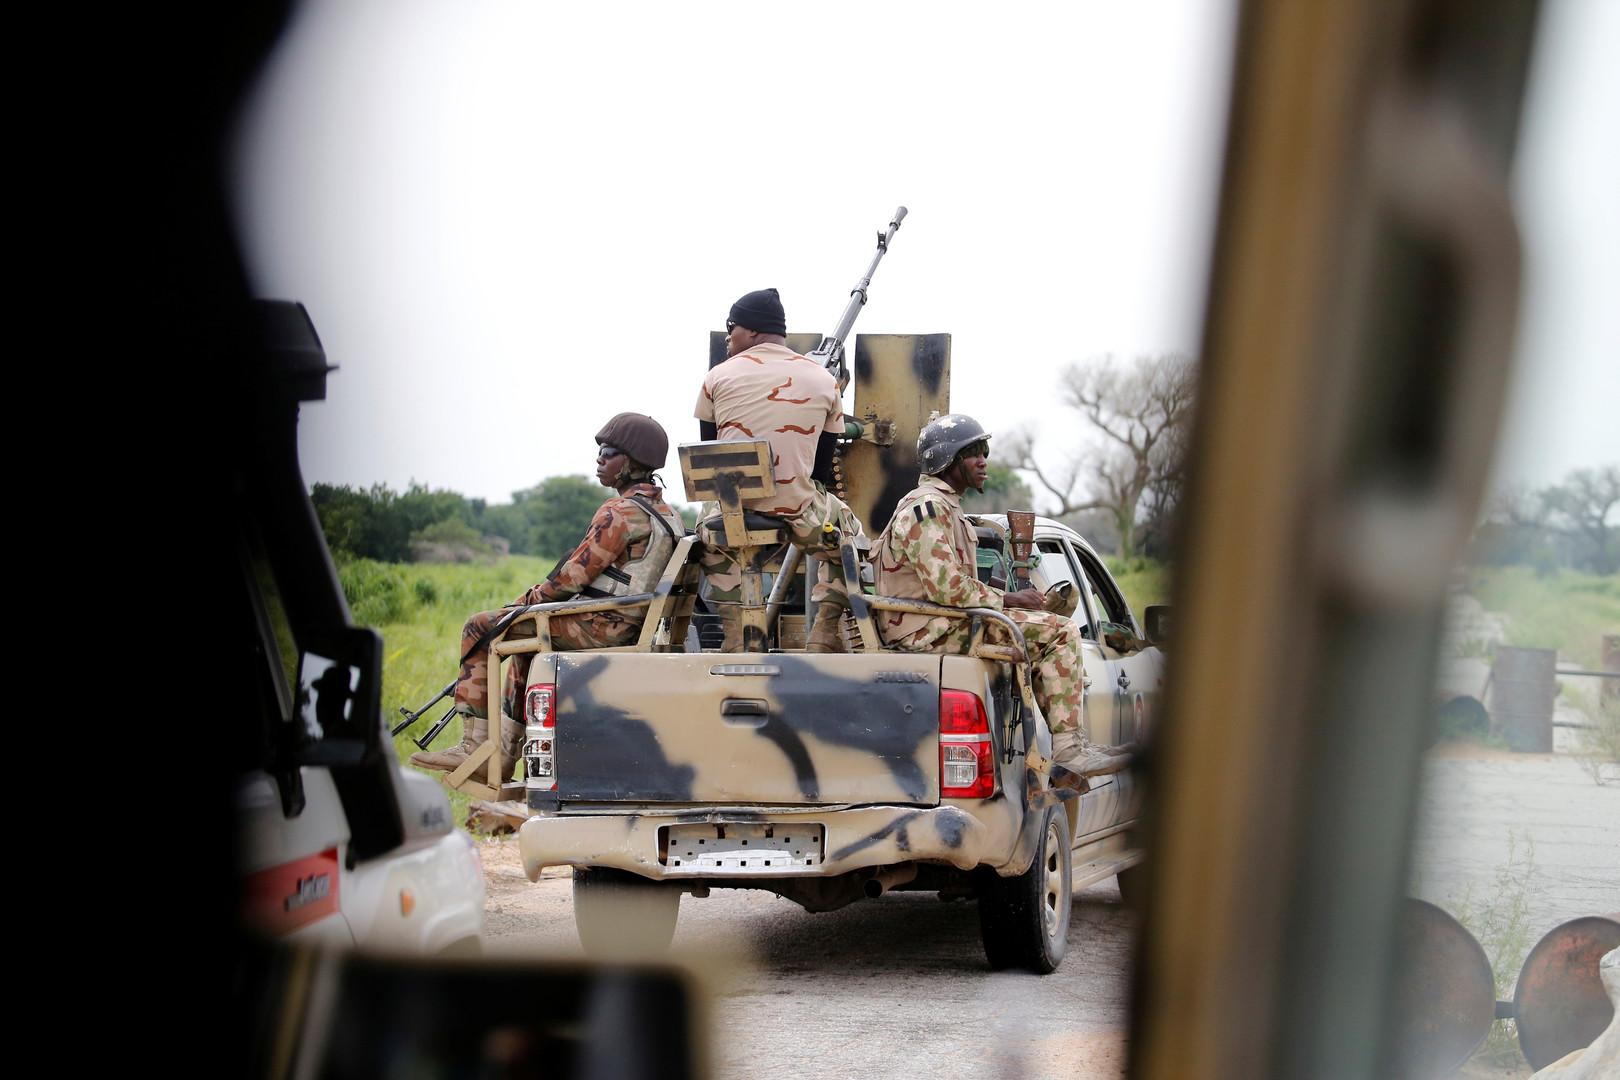 بالعشرات.. قتلى ومخطوفون في هجوم على قافلة بنيجيريا